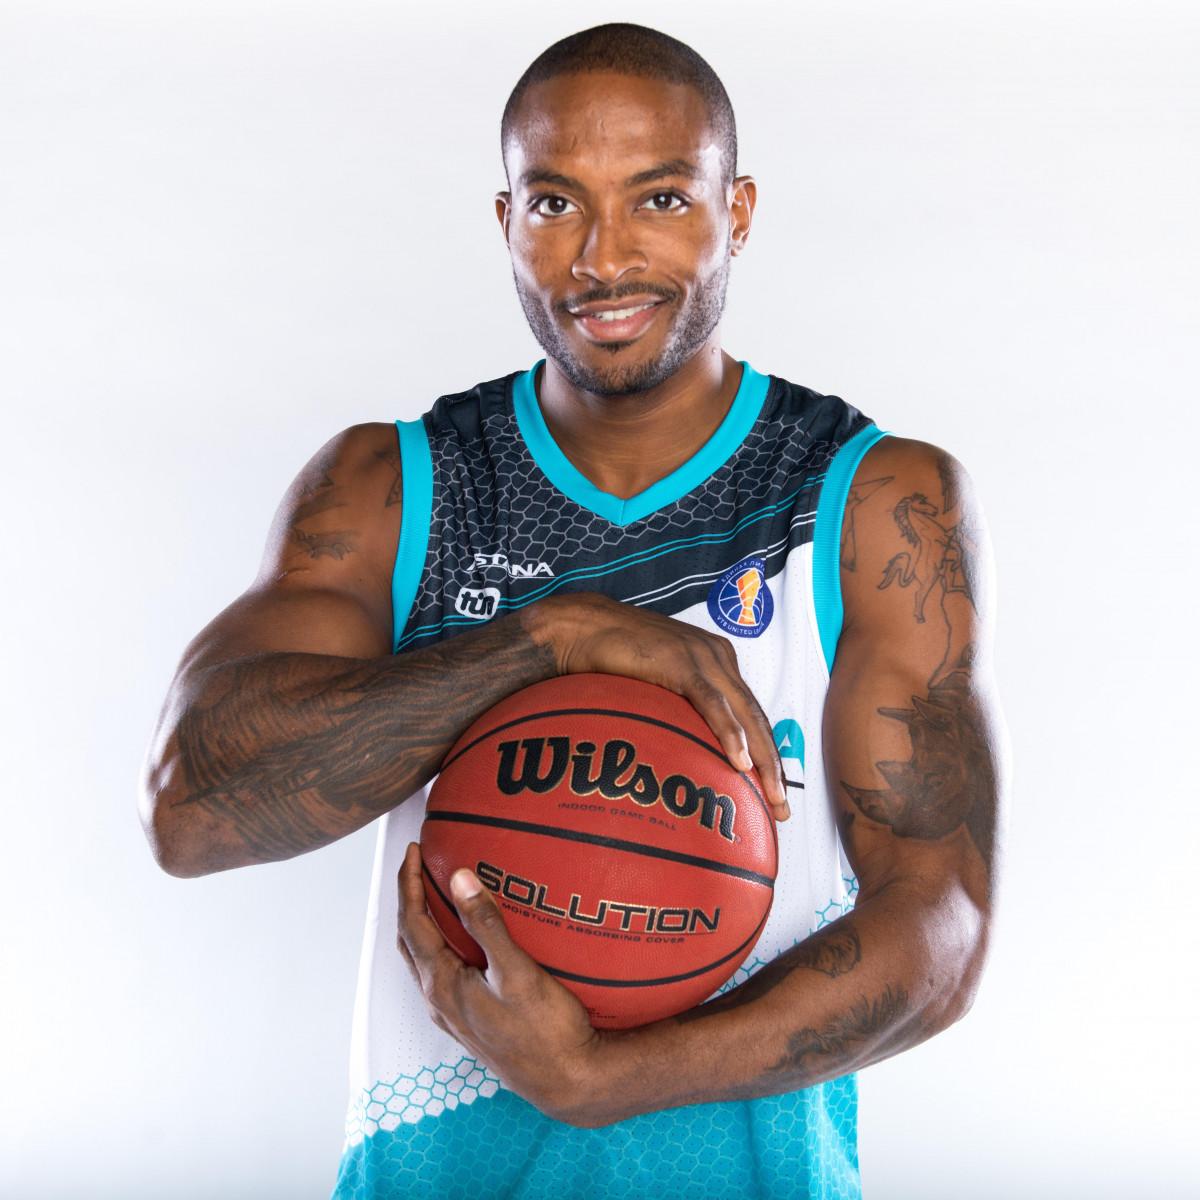 Photo of Ike Udanoh, 2017-2018 season